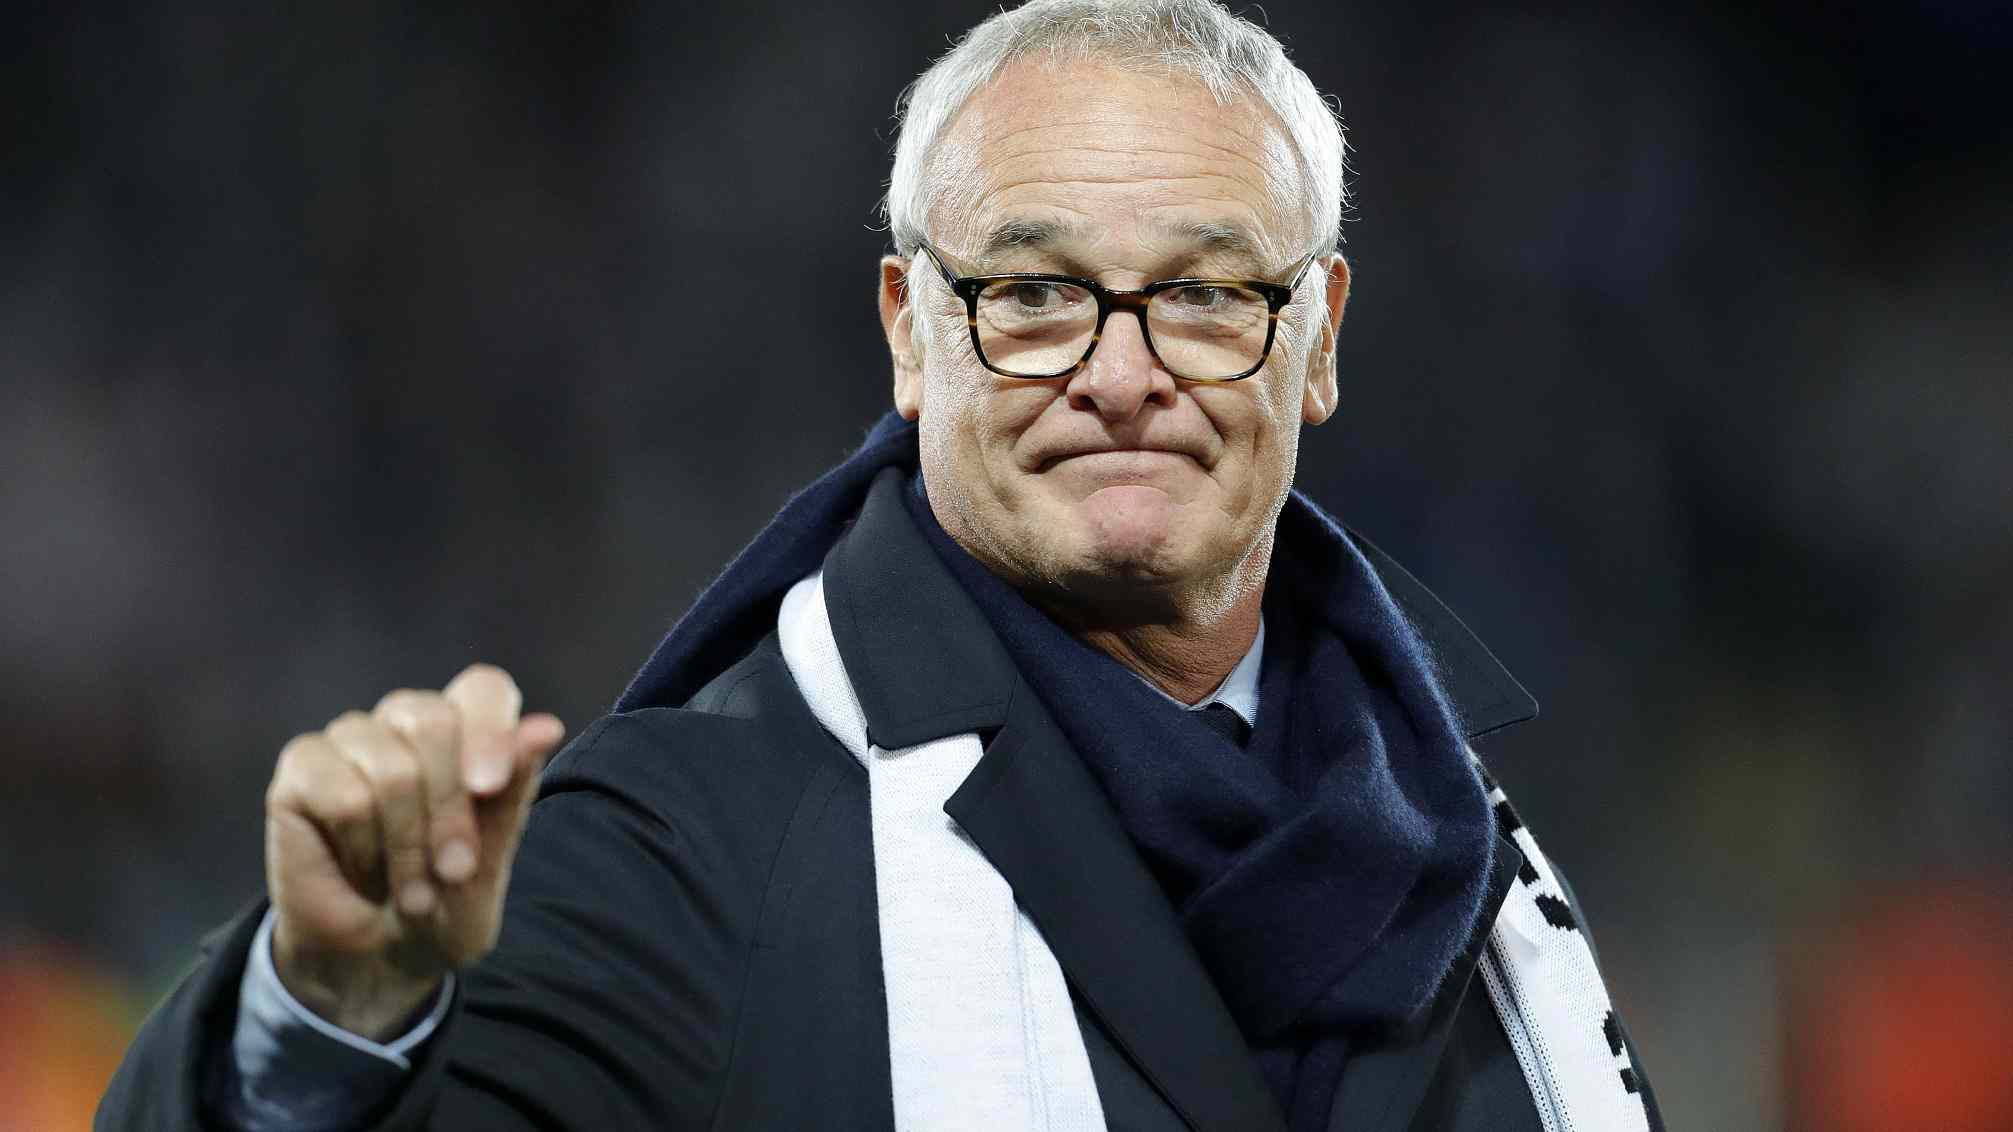 Dư âm trận Fulham: Không có Mourinho, Man Utd vẫn phá lối chơi như thường - Bóng Đá